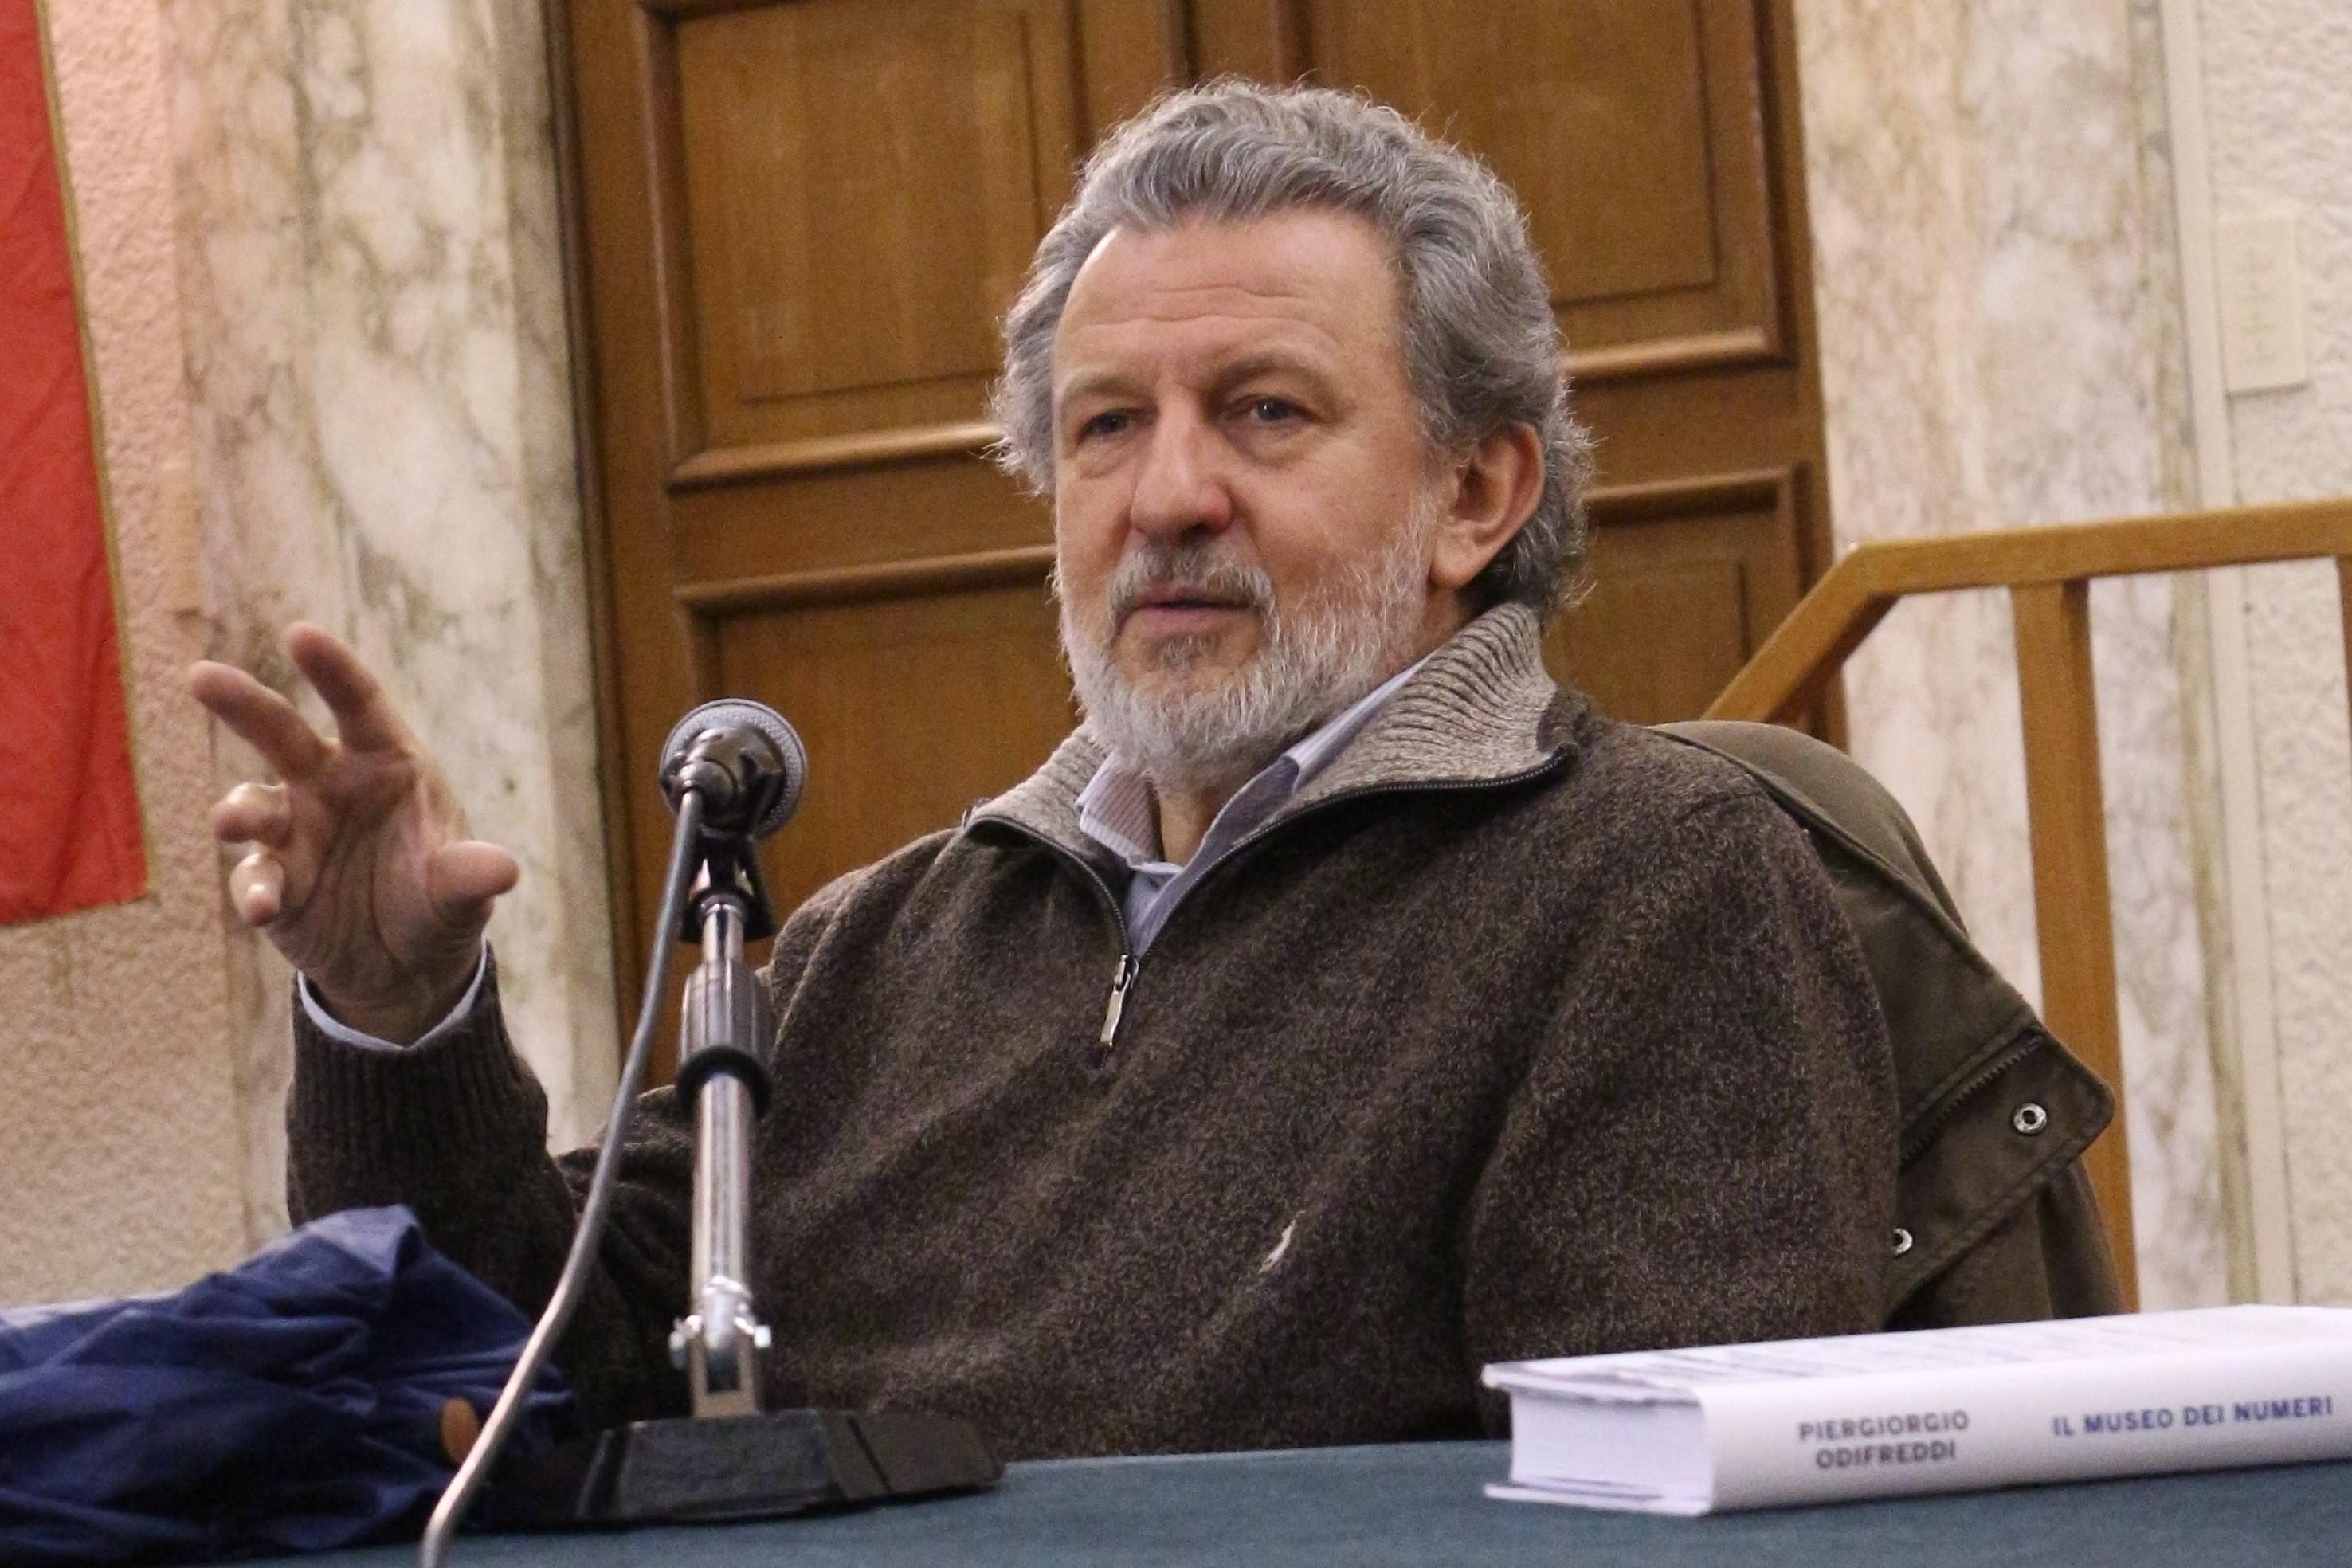 Piergiorgio Odifreddi (Foto: Wikipedia / Dettagli)